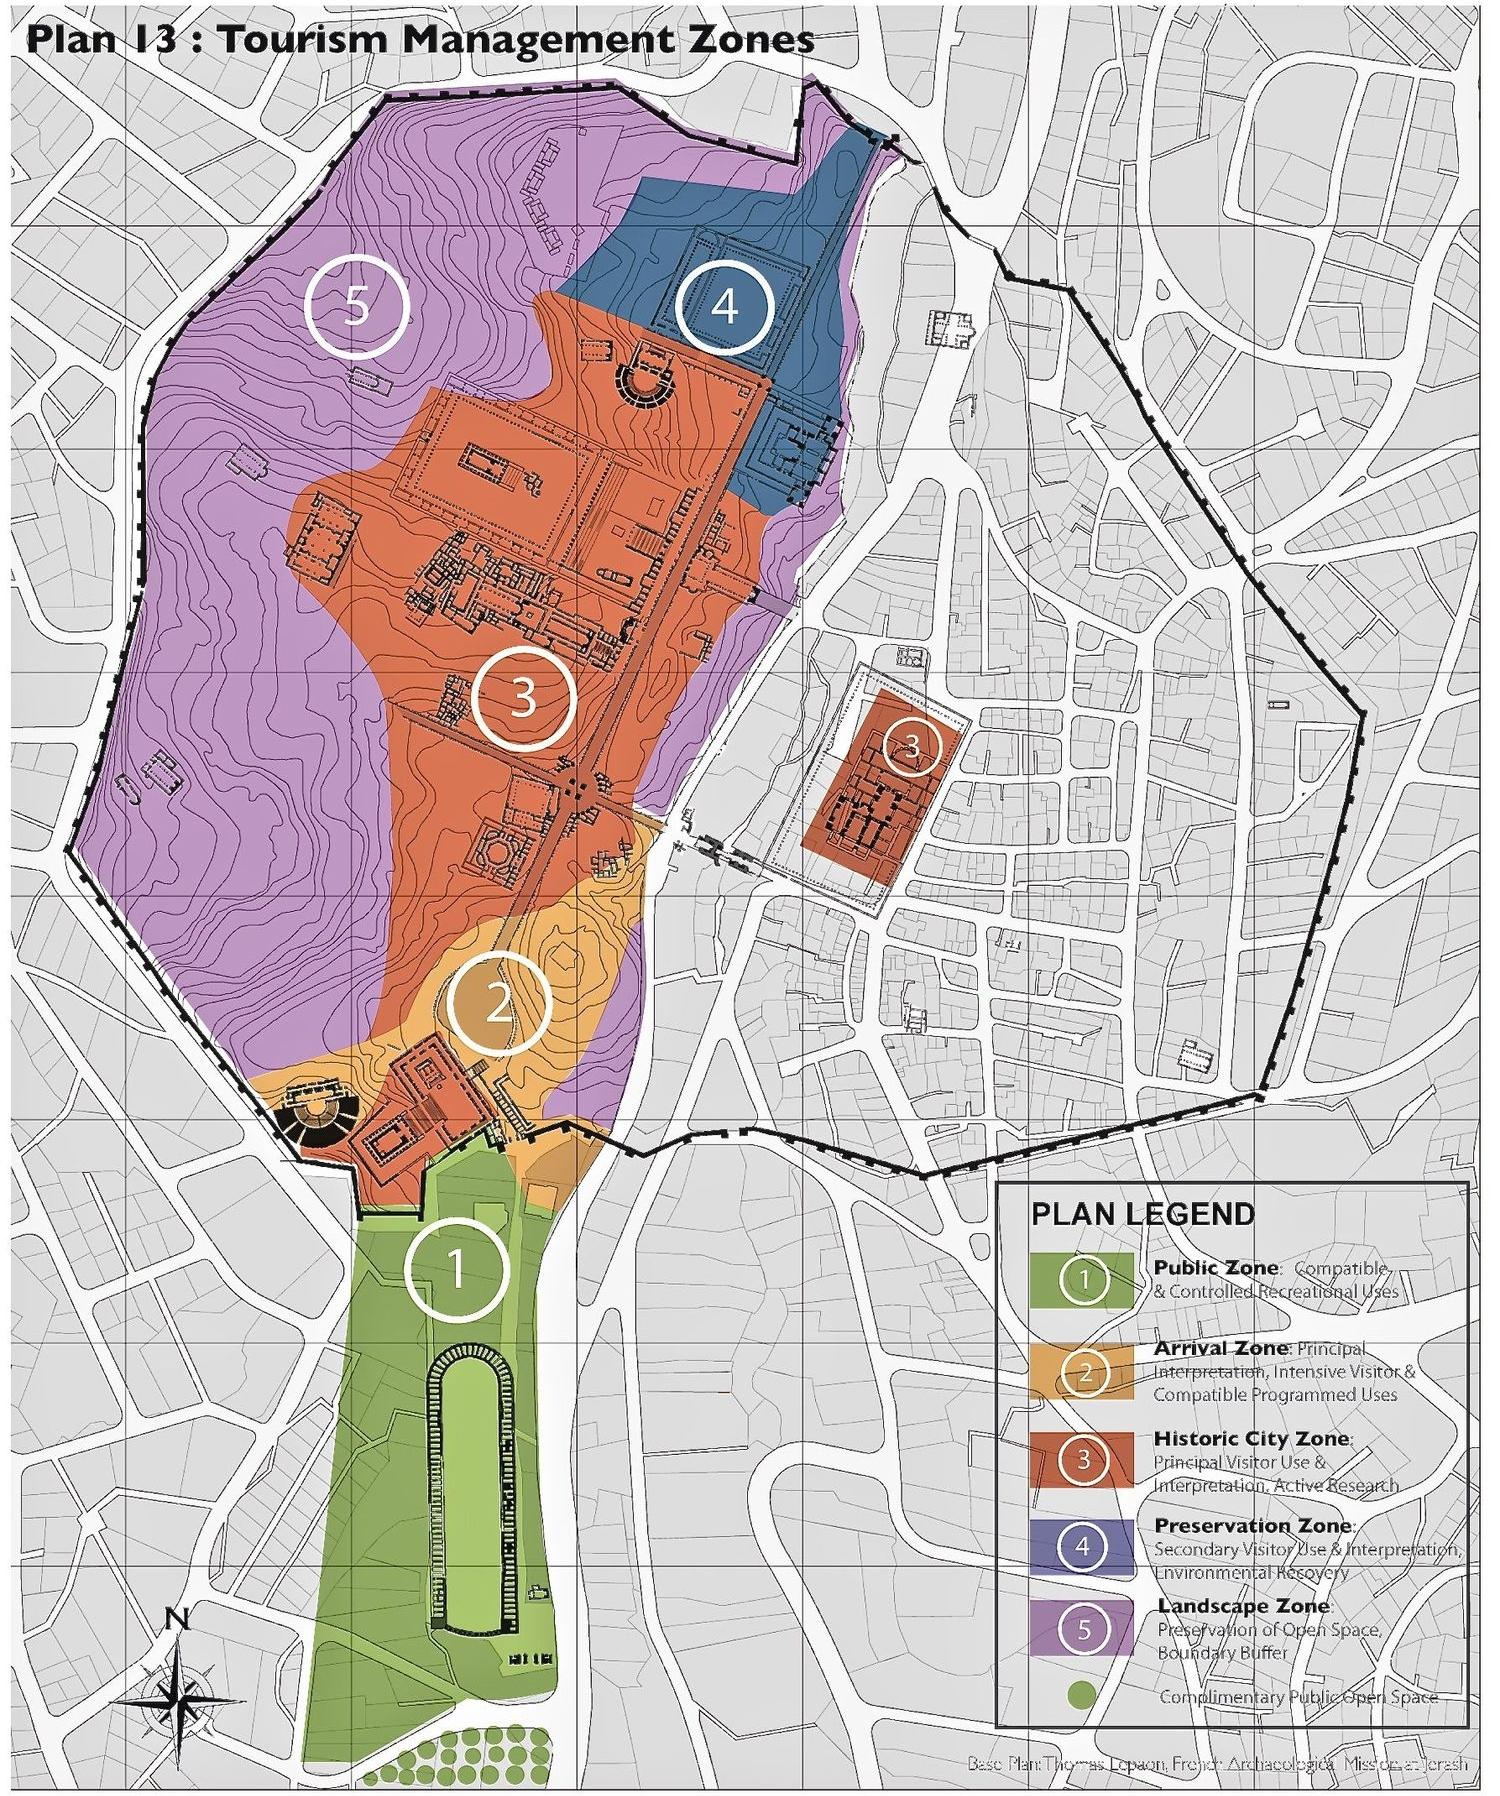 Tourism Zoning Plan, Jerash, Jordan